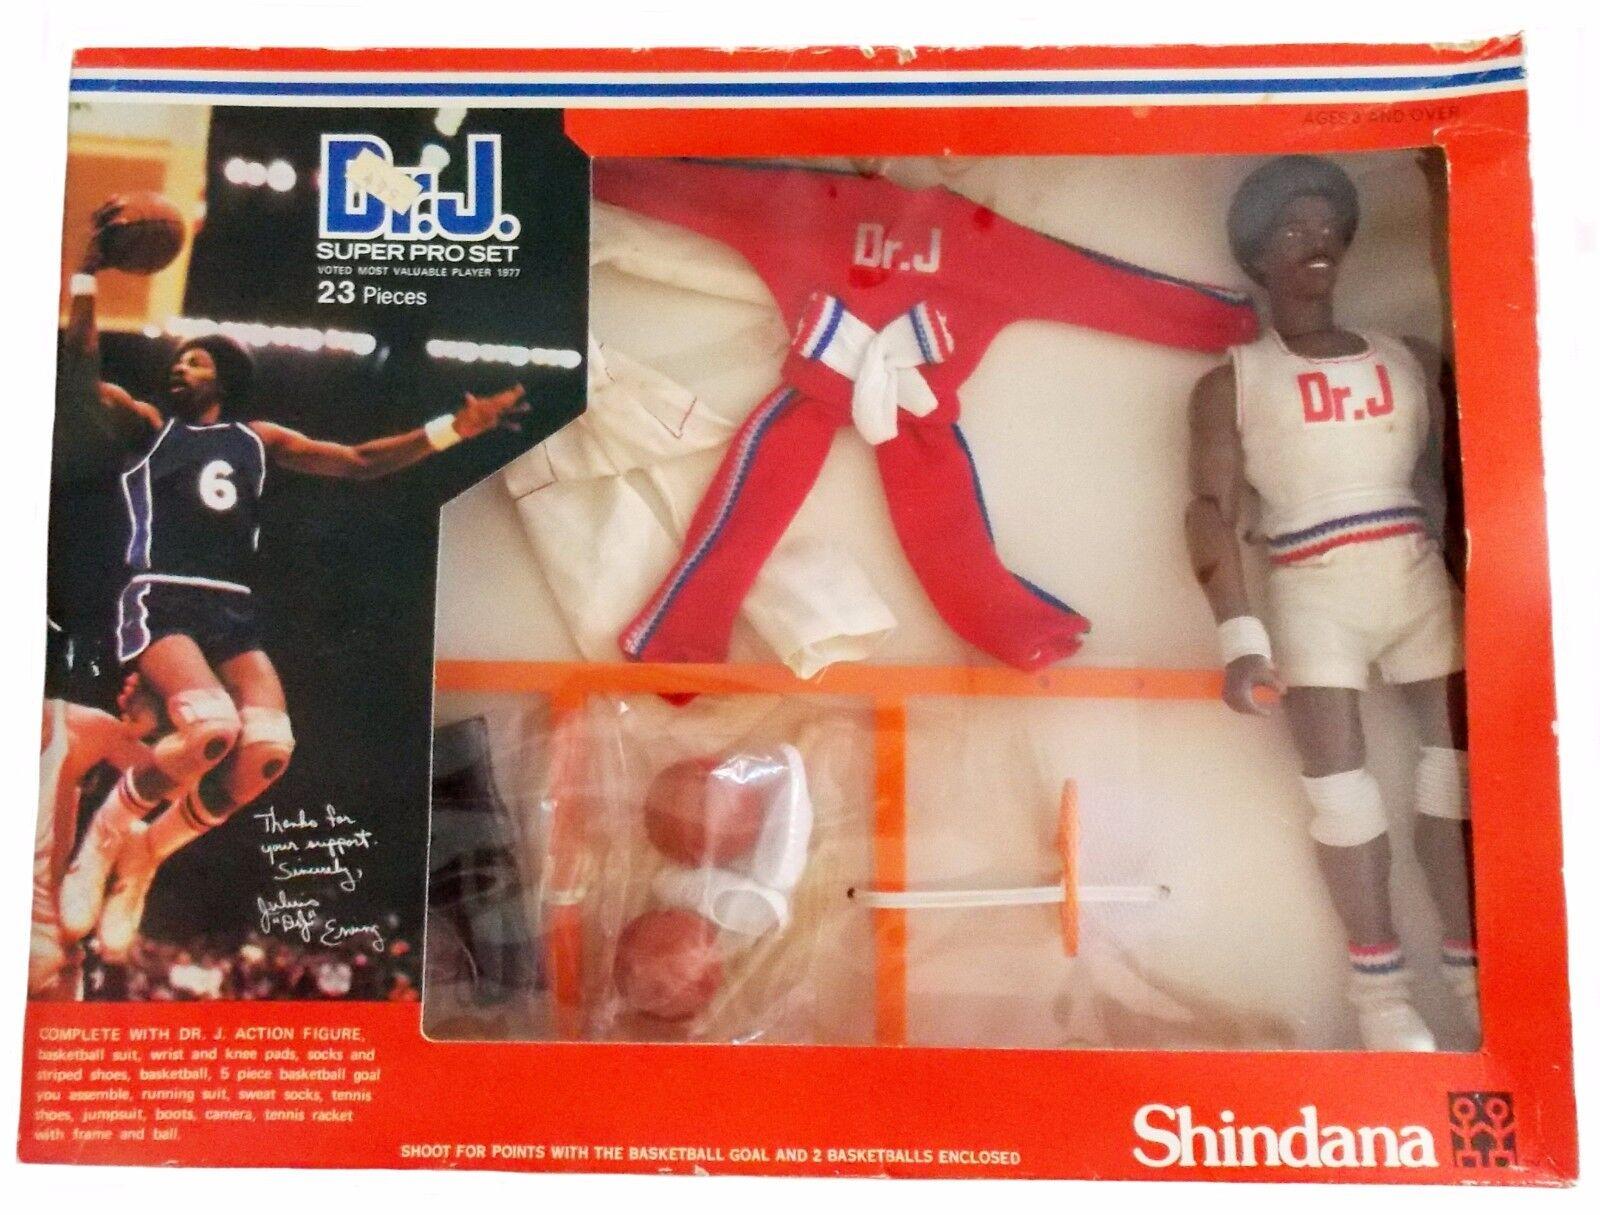 1976 JULIUS ERVING 10  shindana basketball figure MIB -- DR J SUPER PRO SET